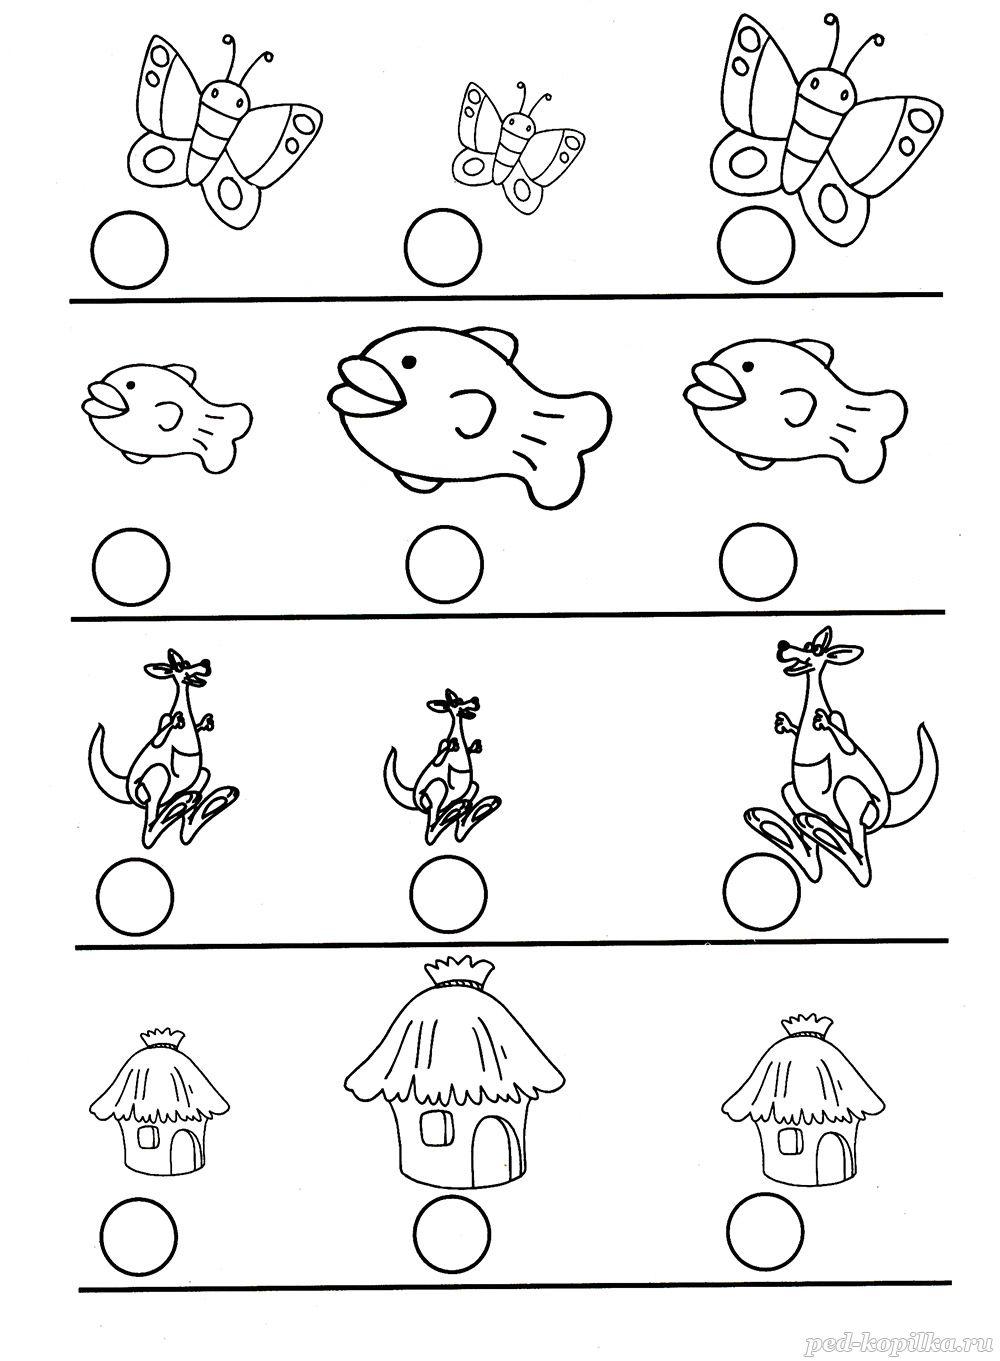 Ребенок должен уметь составлять рассказ по предложенным картинкам, уметь заканчивать рассказ (придумать конец).